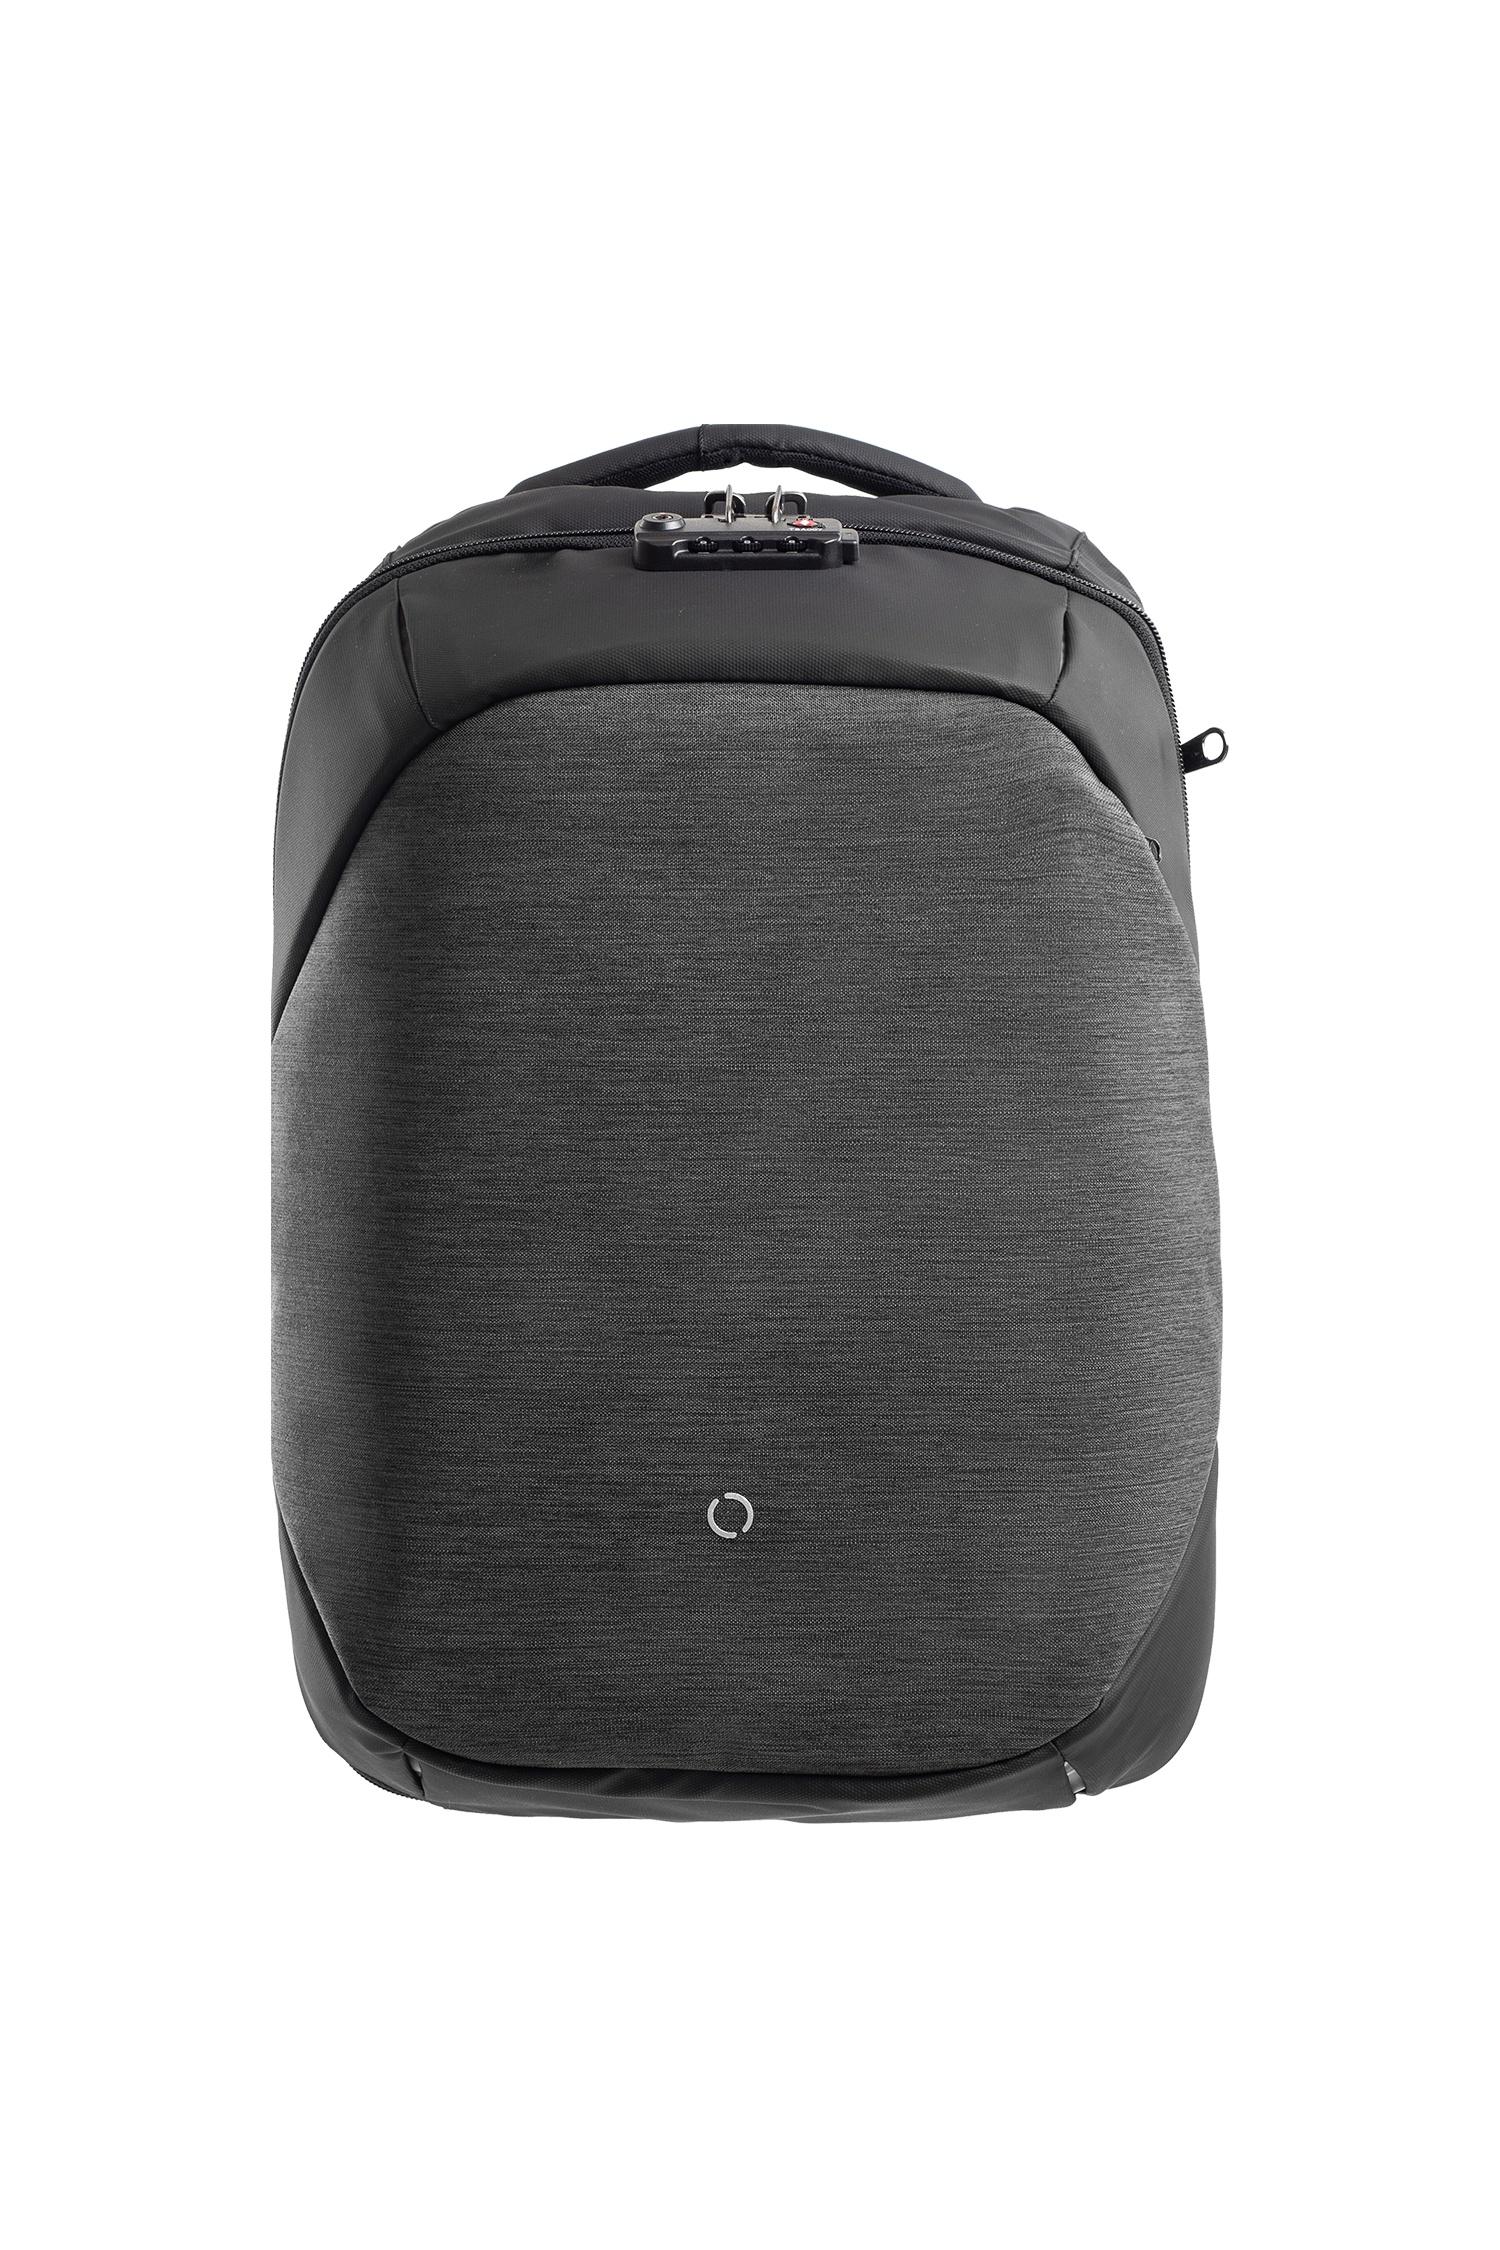 Рюкзак городской Korin Design ClickPack Basic Black, черный рюкзак korin design clickpack gray серый